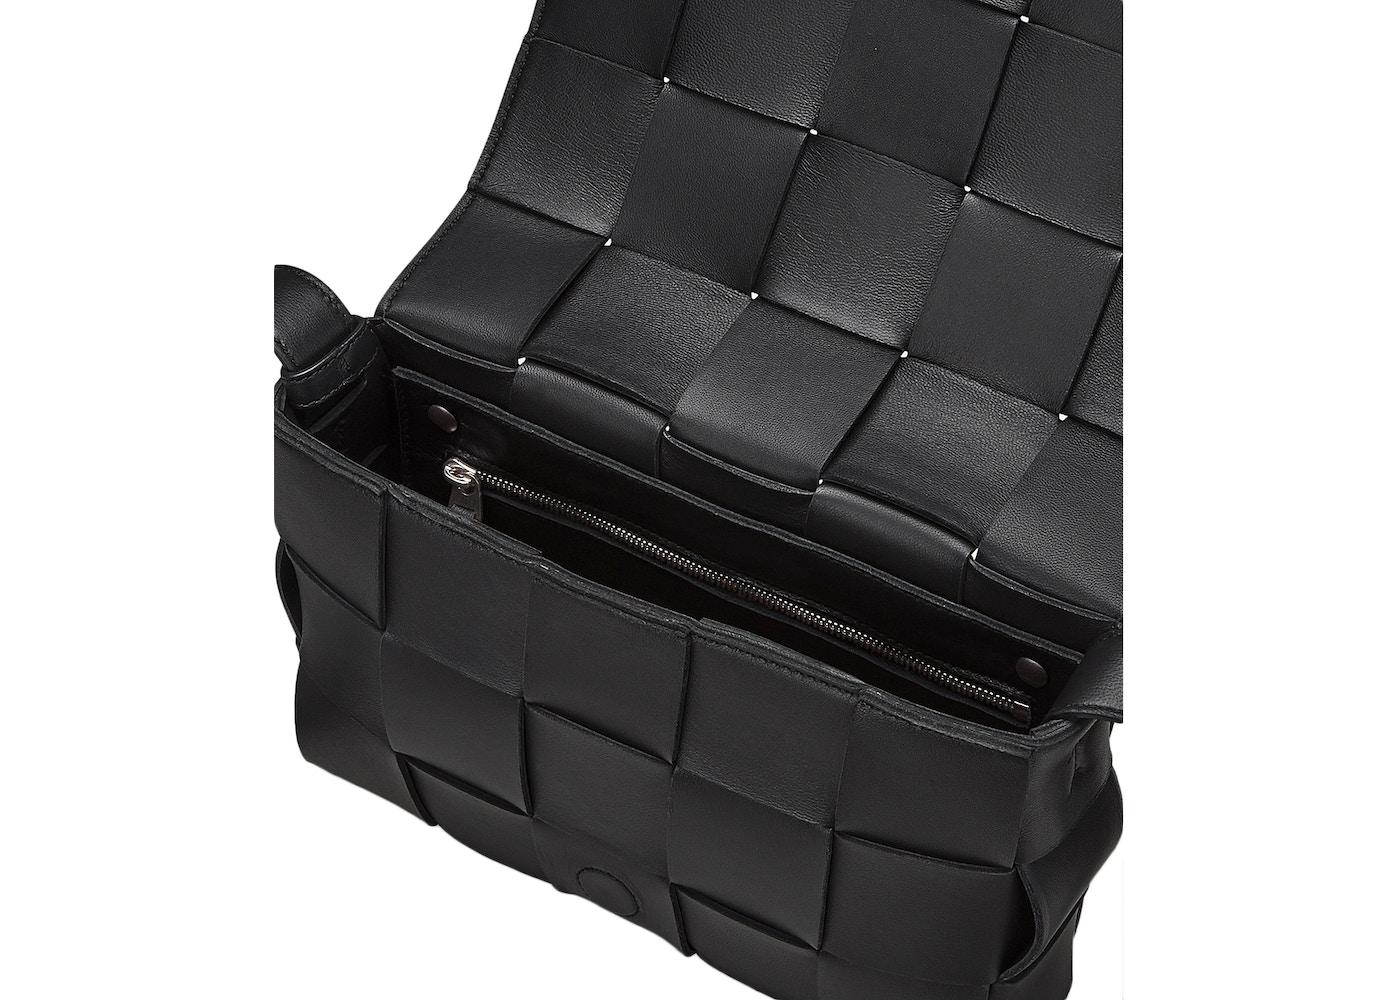 Bottega Veneta Cassette Shoulder Bag In Black | ModeSens